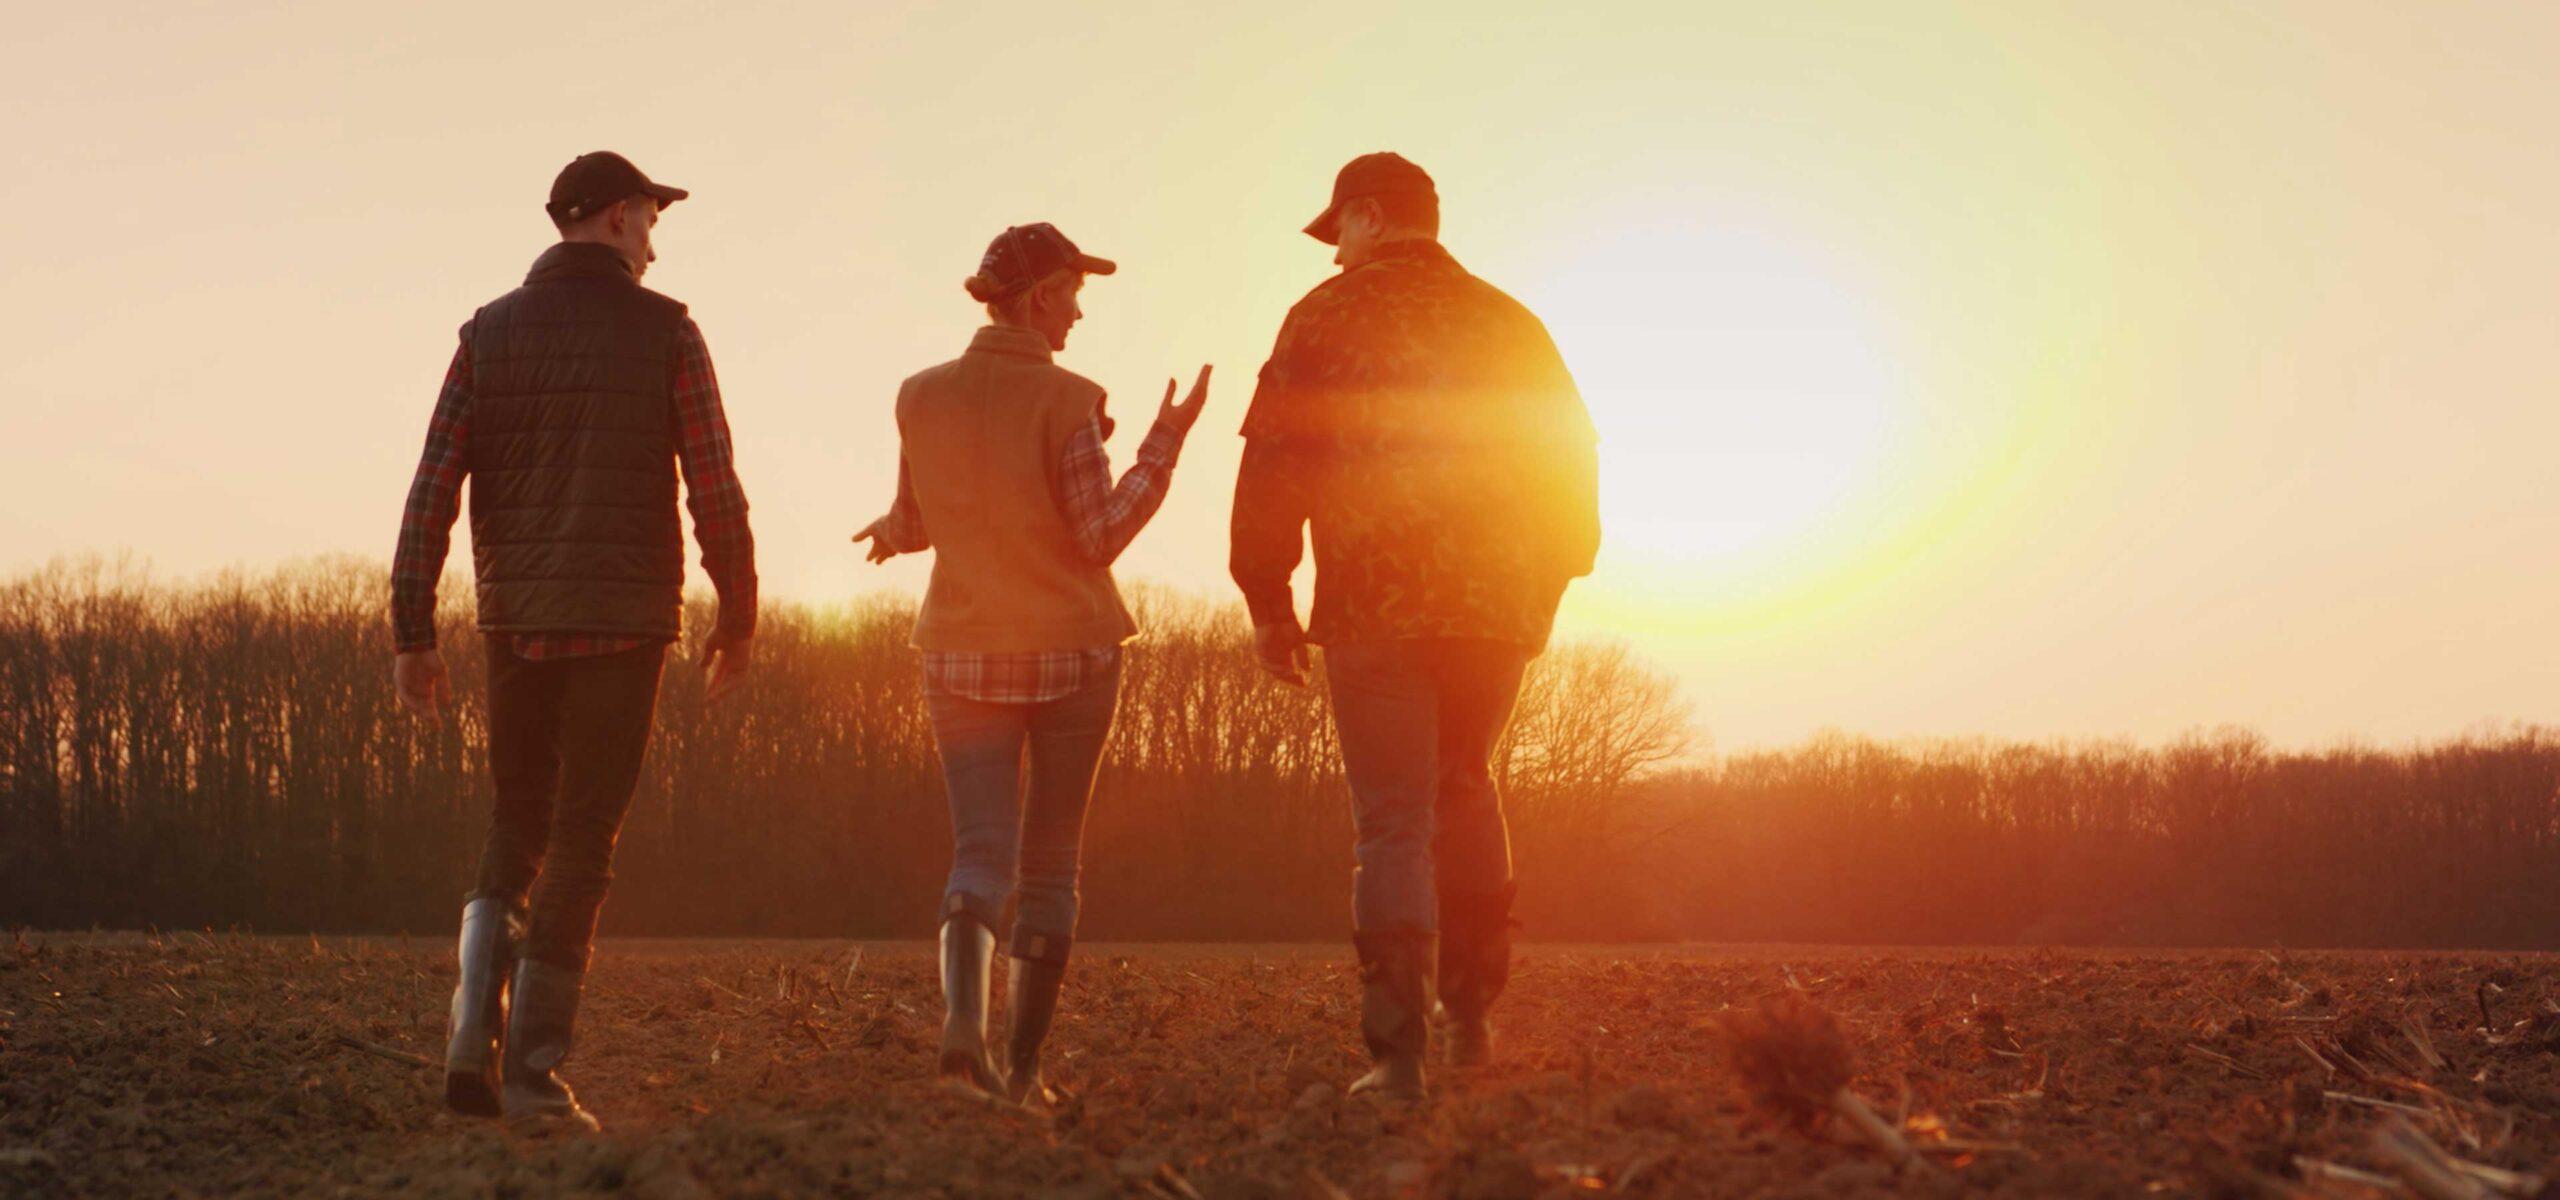 people walking through field at sunset